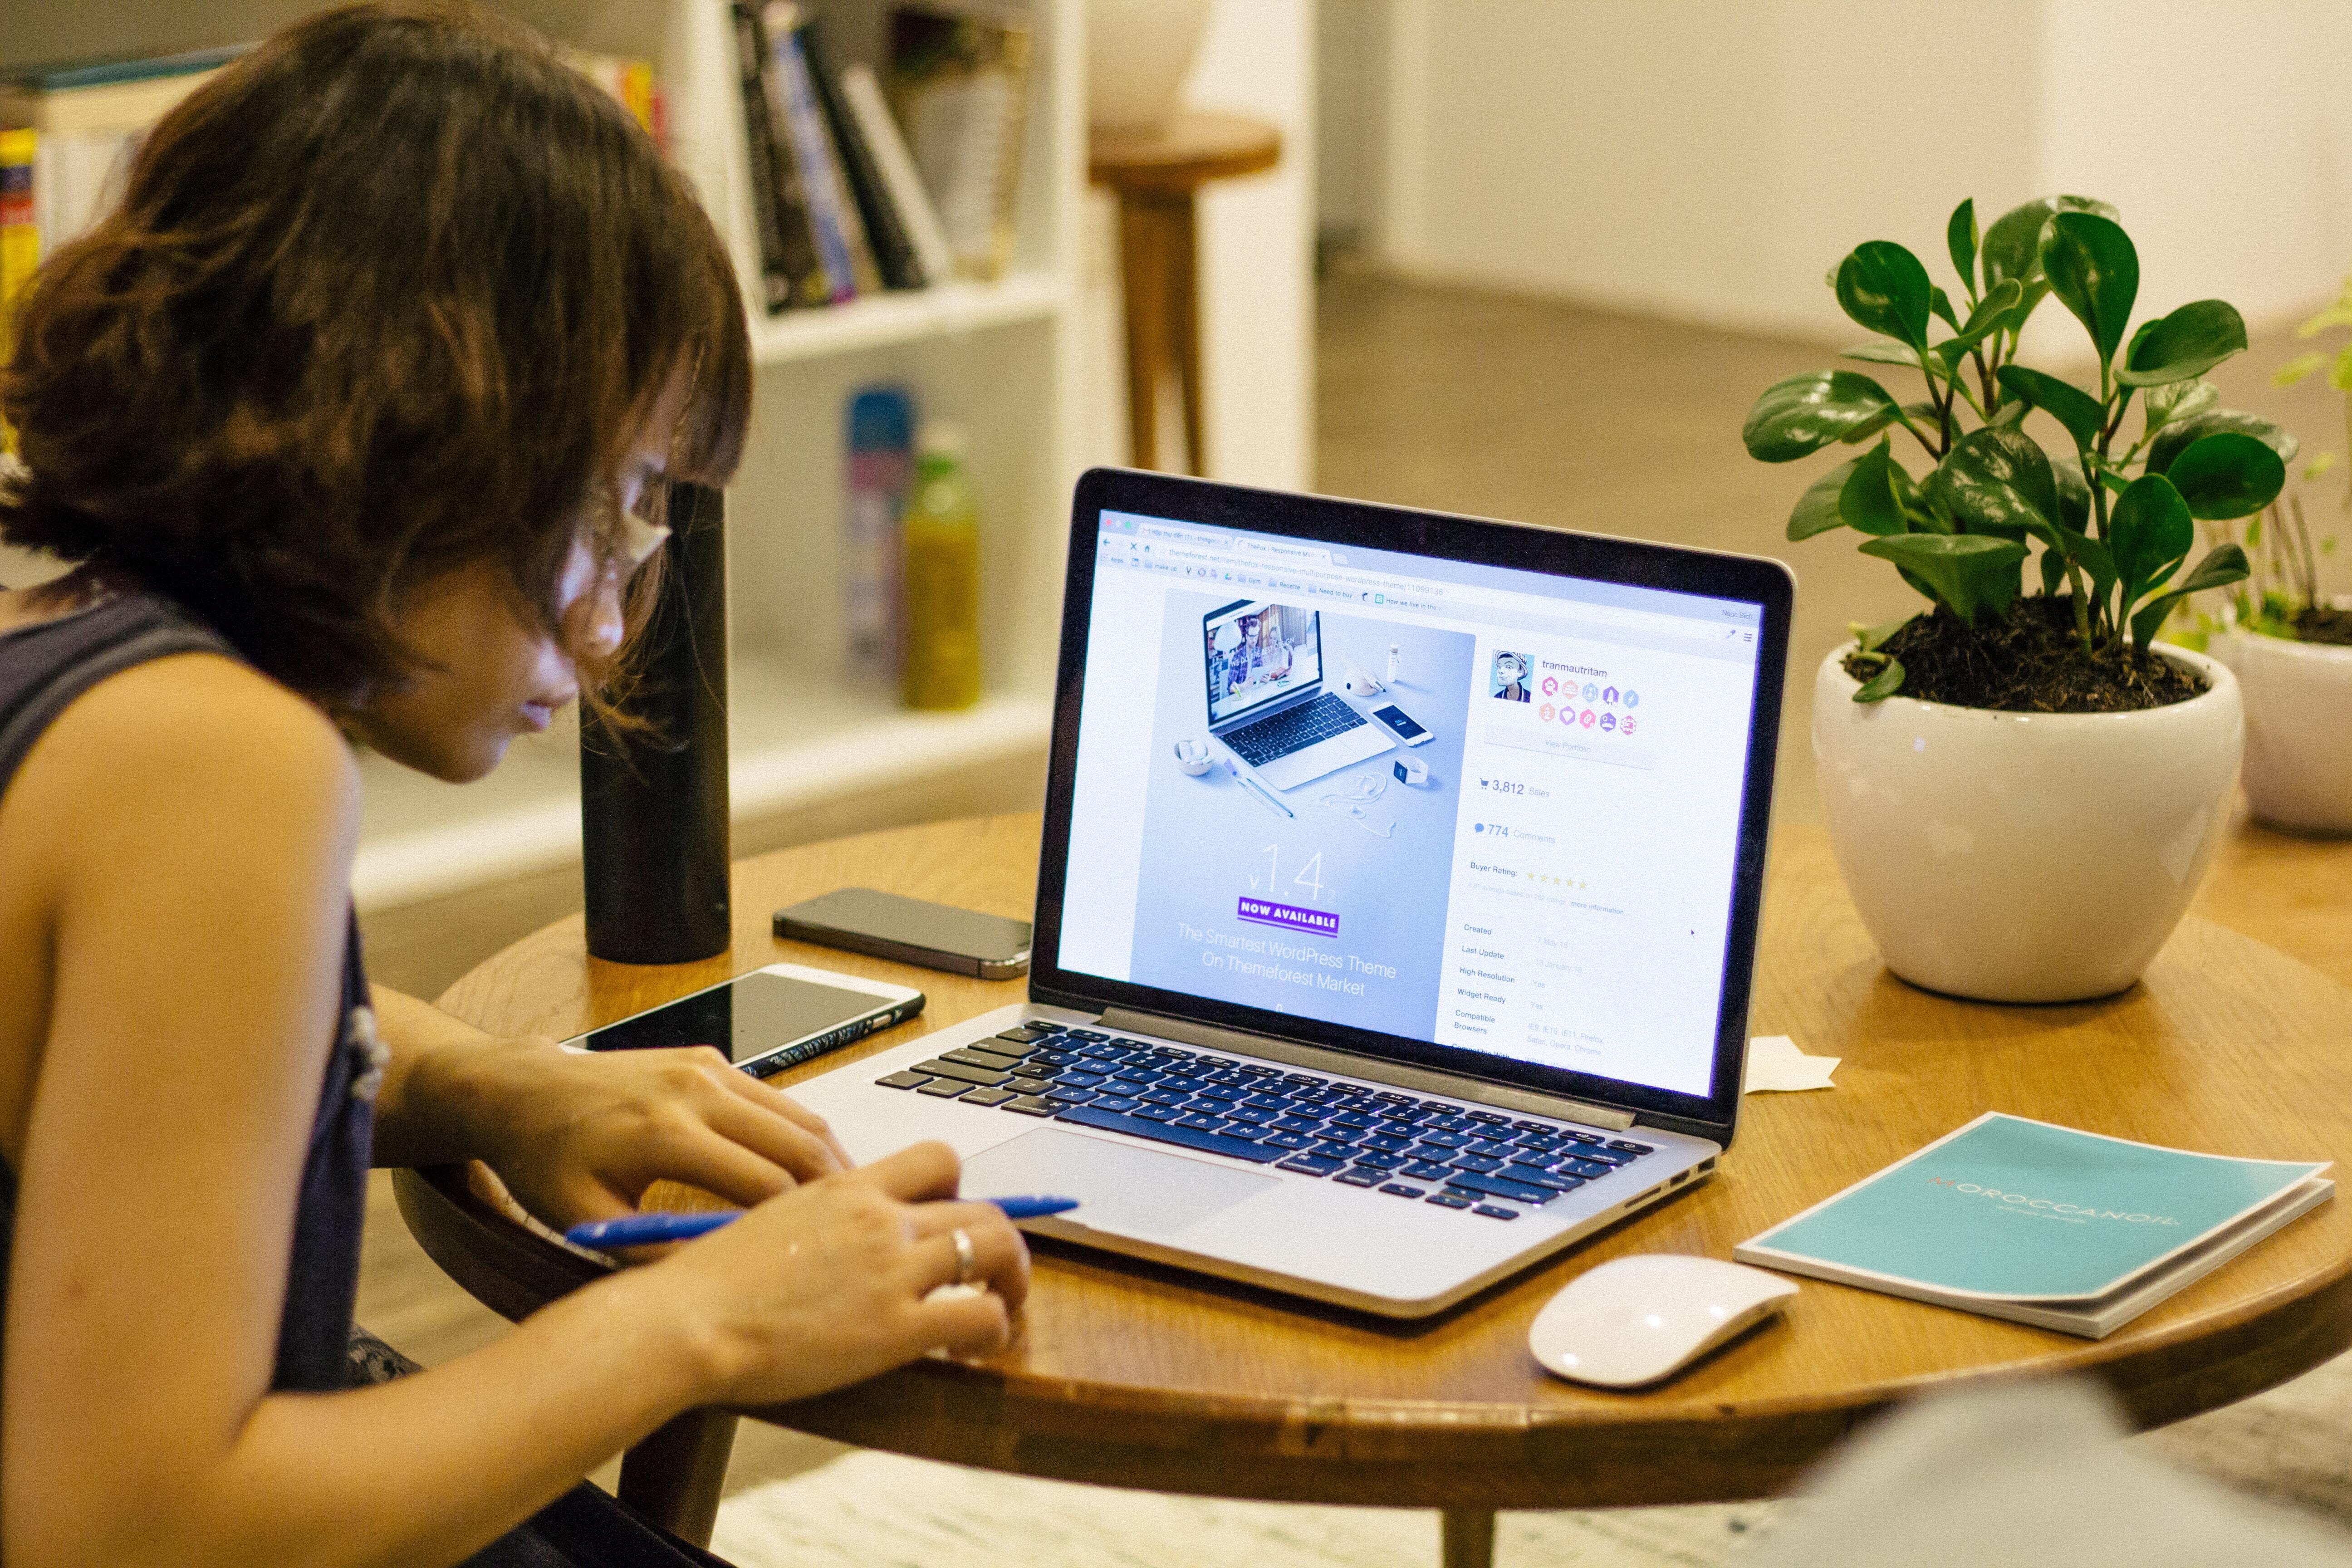 Frau sitzt an einem runden Holztisch und arbeitet an einem Laptop.